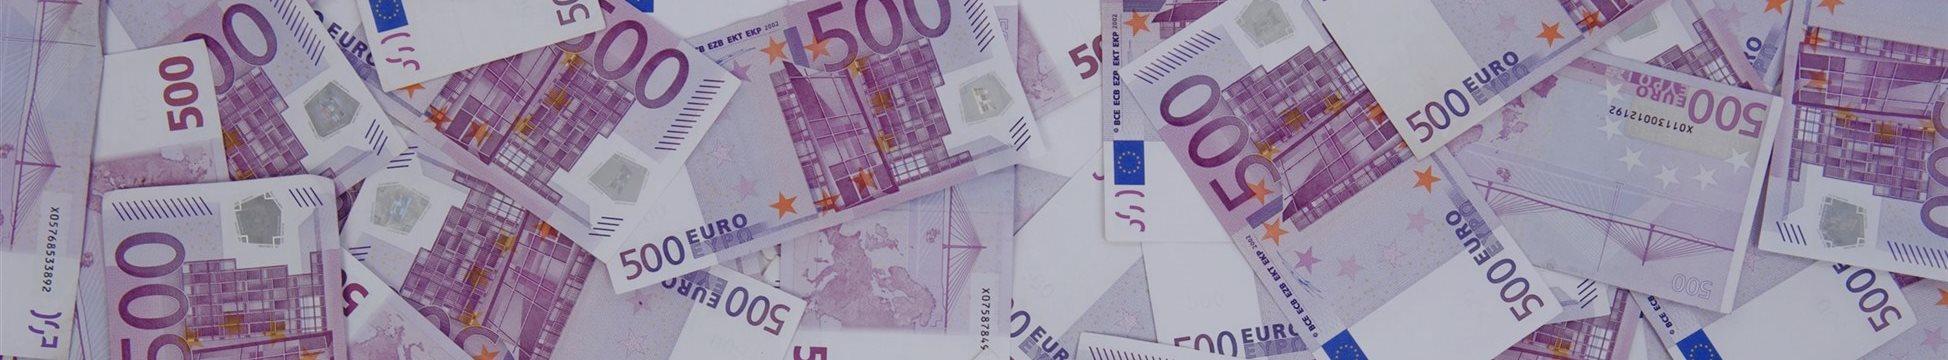 Торги в Европе завершились вчера в красной зоне